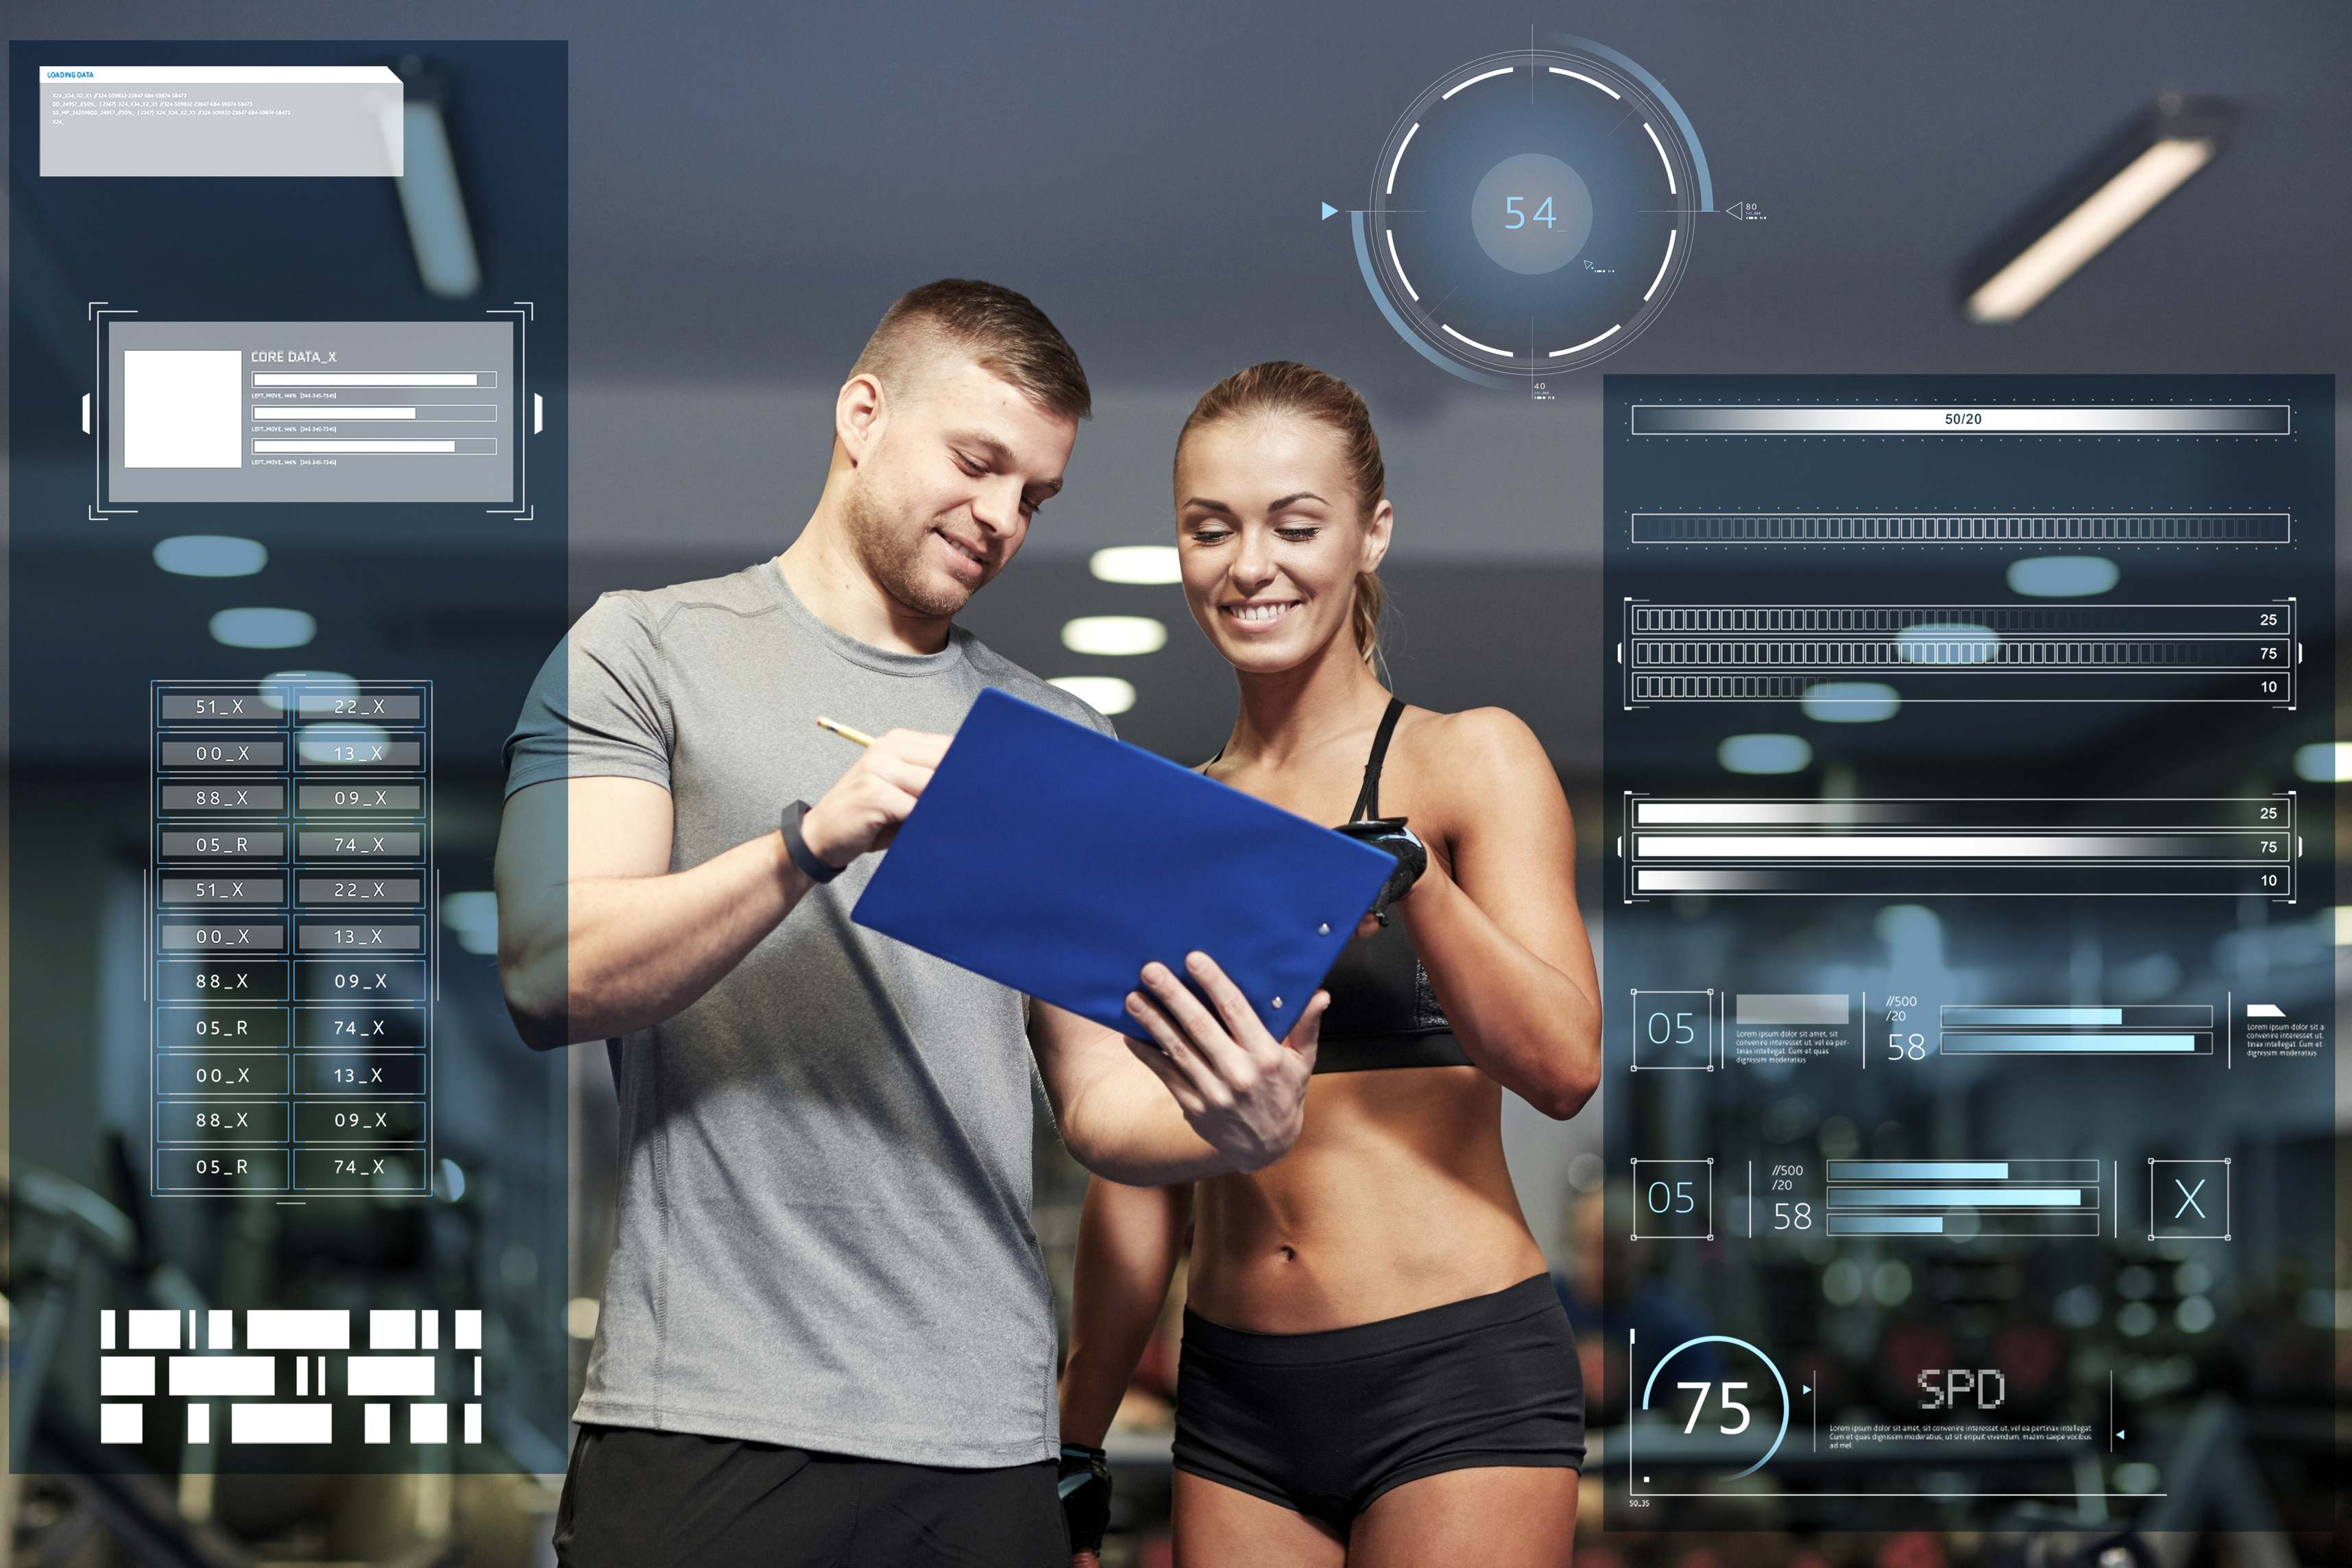 Warum regelmäßiges Training so wichtig ist